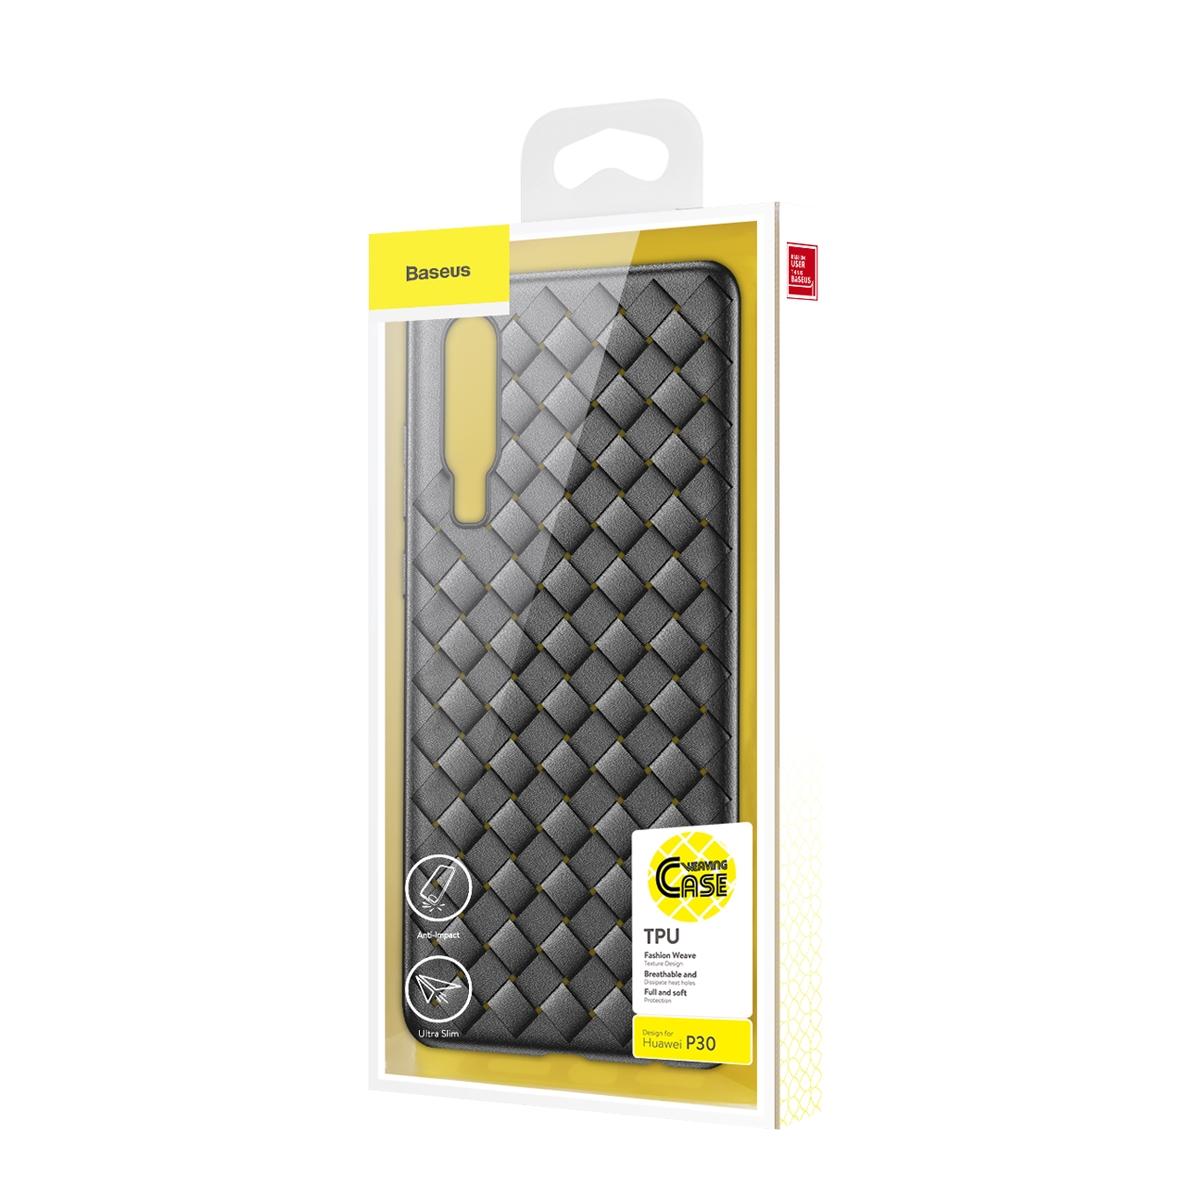 Huwei P30 Baseus BV Weaving Case WIHWP30-BV01 Black